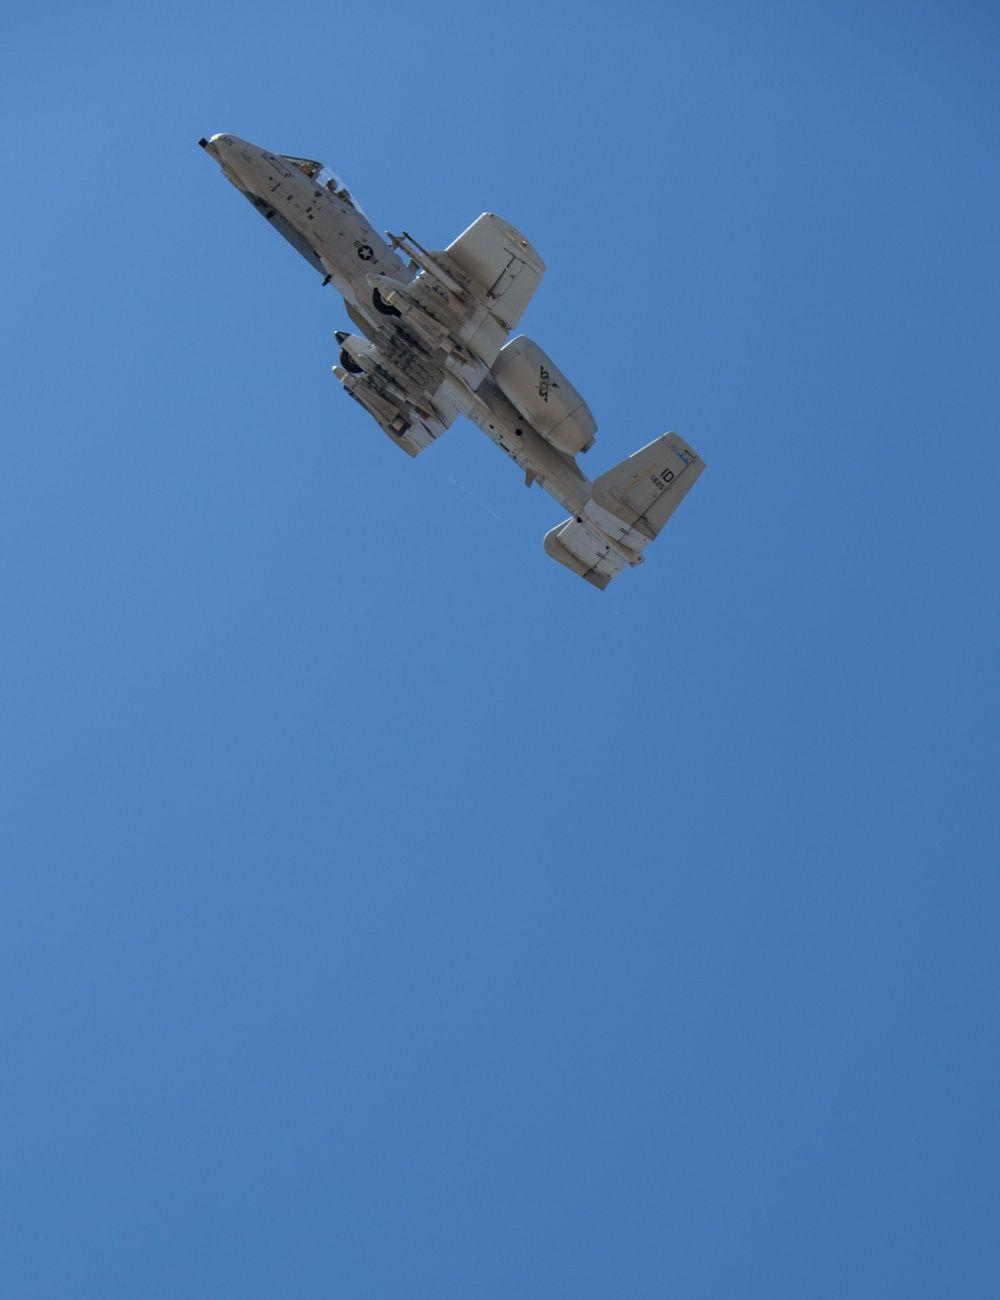 美国空军为何不舍A-10退役?可野外起降,发动机打烂仍返航